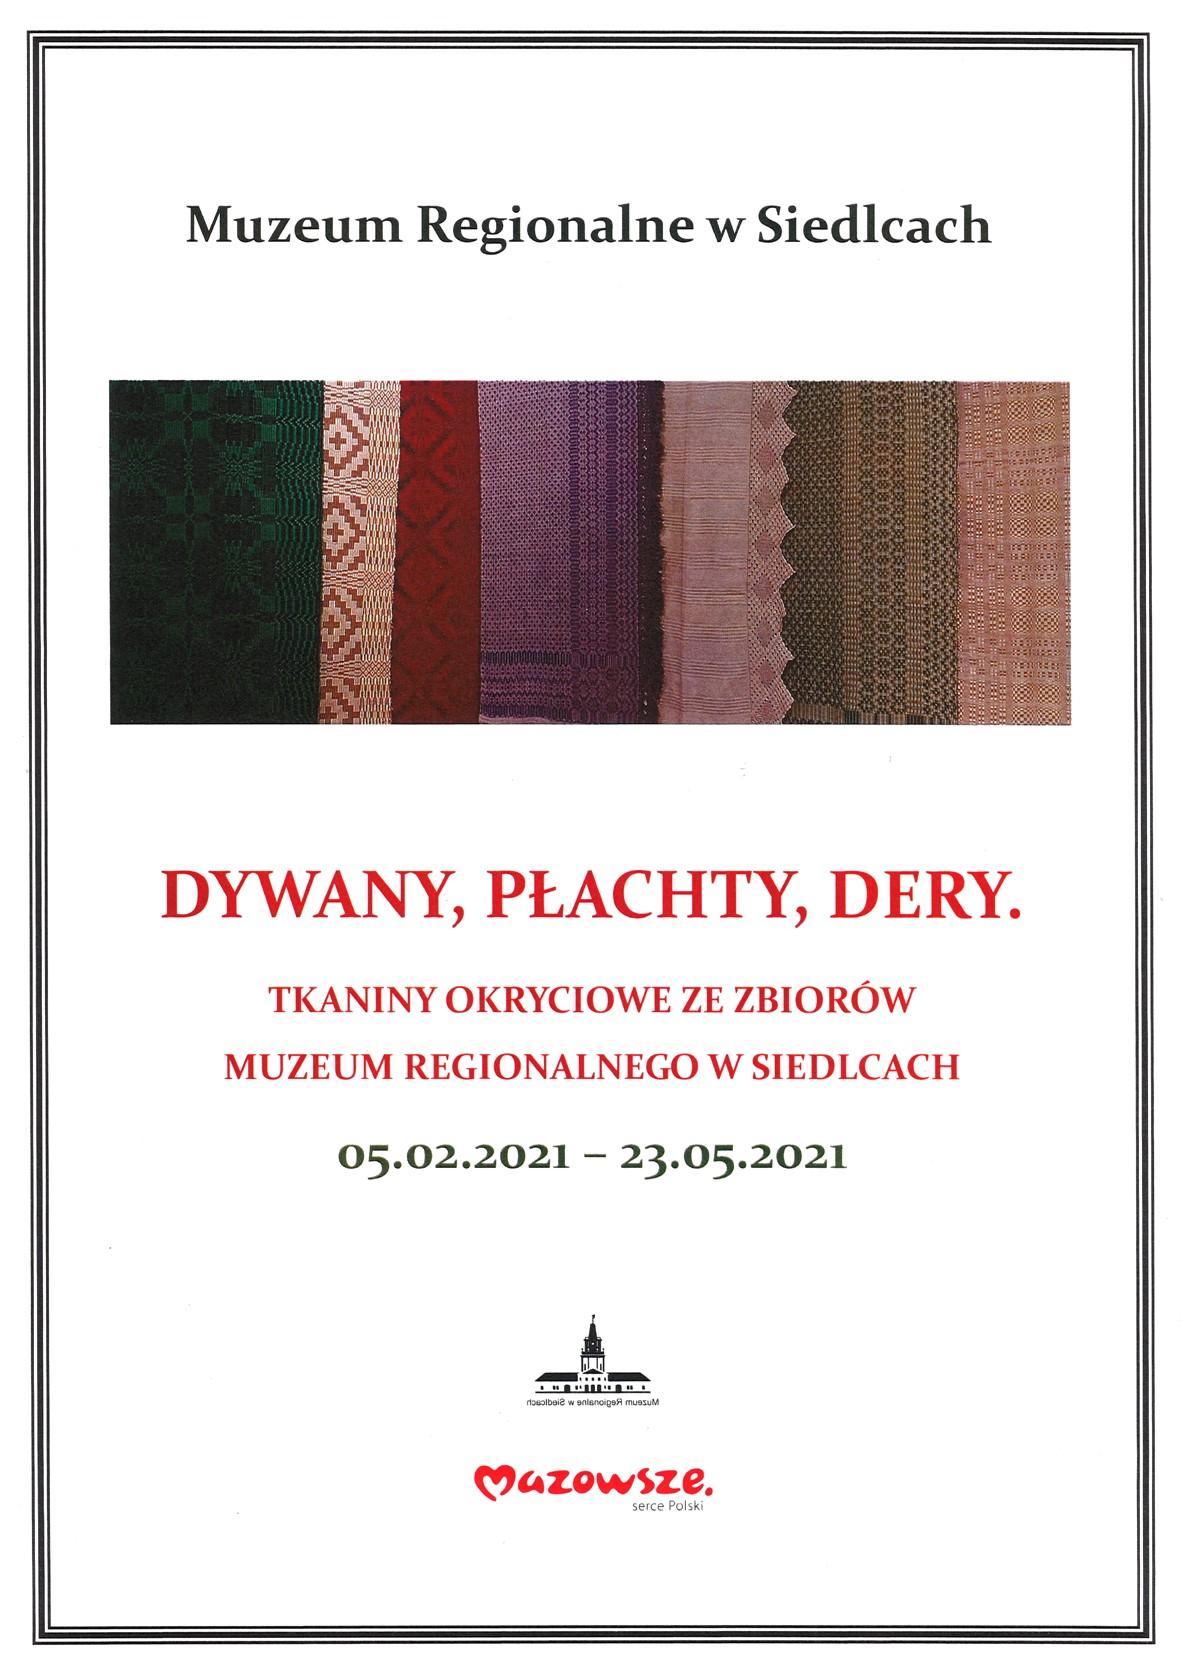 Afisz wystawy z tytułem , czasem jej trwania oraz zdjęciem kolorowych tkanin okryciowych ze zbiorów Muzeum Regionalnego w Siedlcach